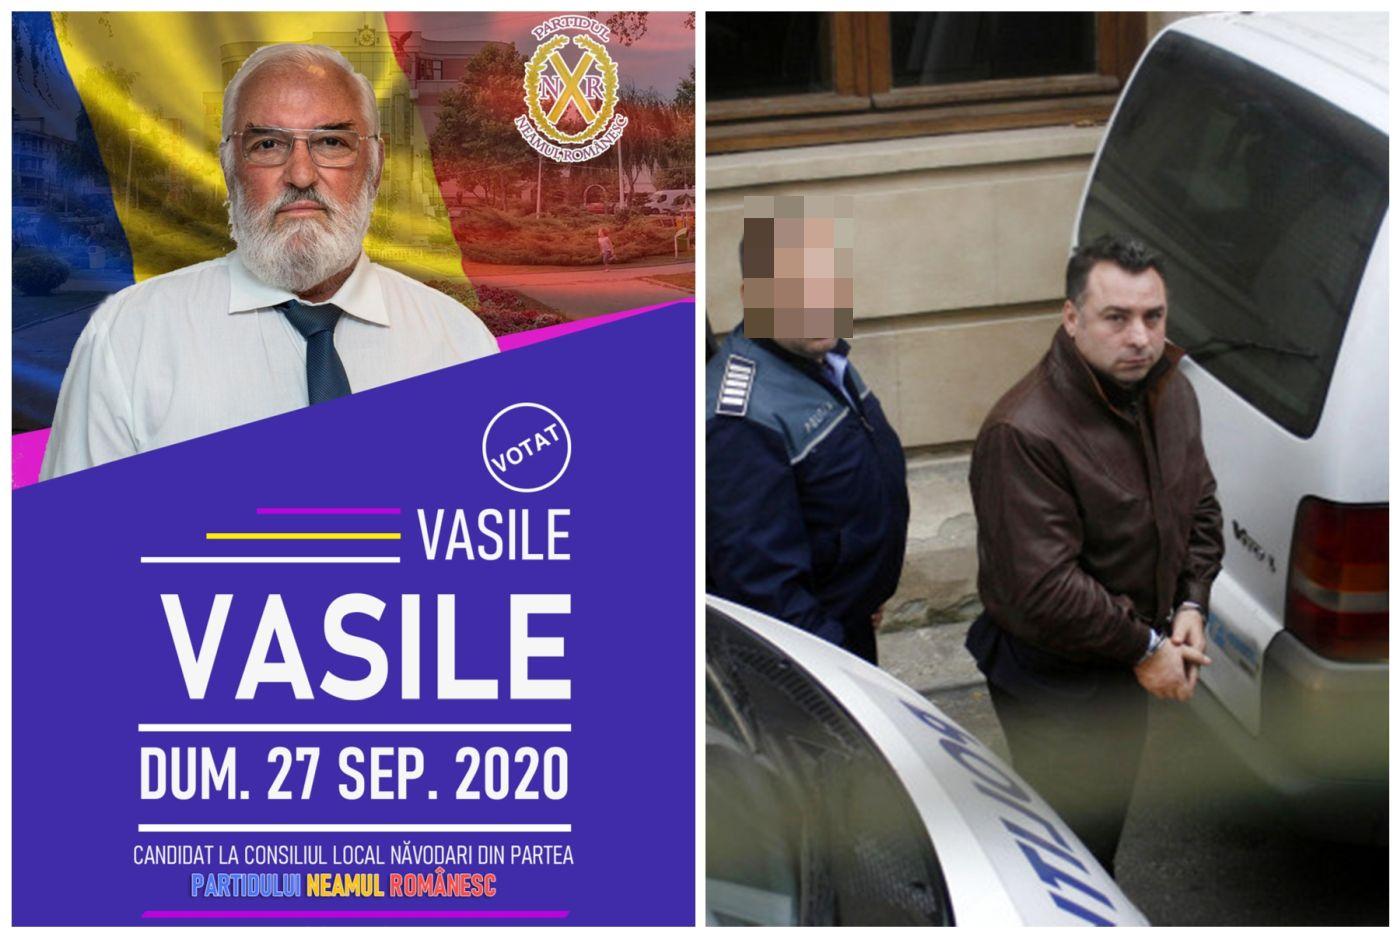 """Vasile Vasile, fost preot, candidat la consiliul Local Năvodari pe lista partidului condus de un fost condamnat penal, Nicolae Matei: """"Am fost oropsiți pe parcursul veacurilor de toate popoarele din jur"""""""